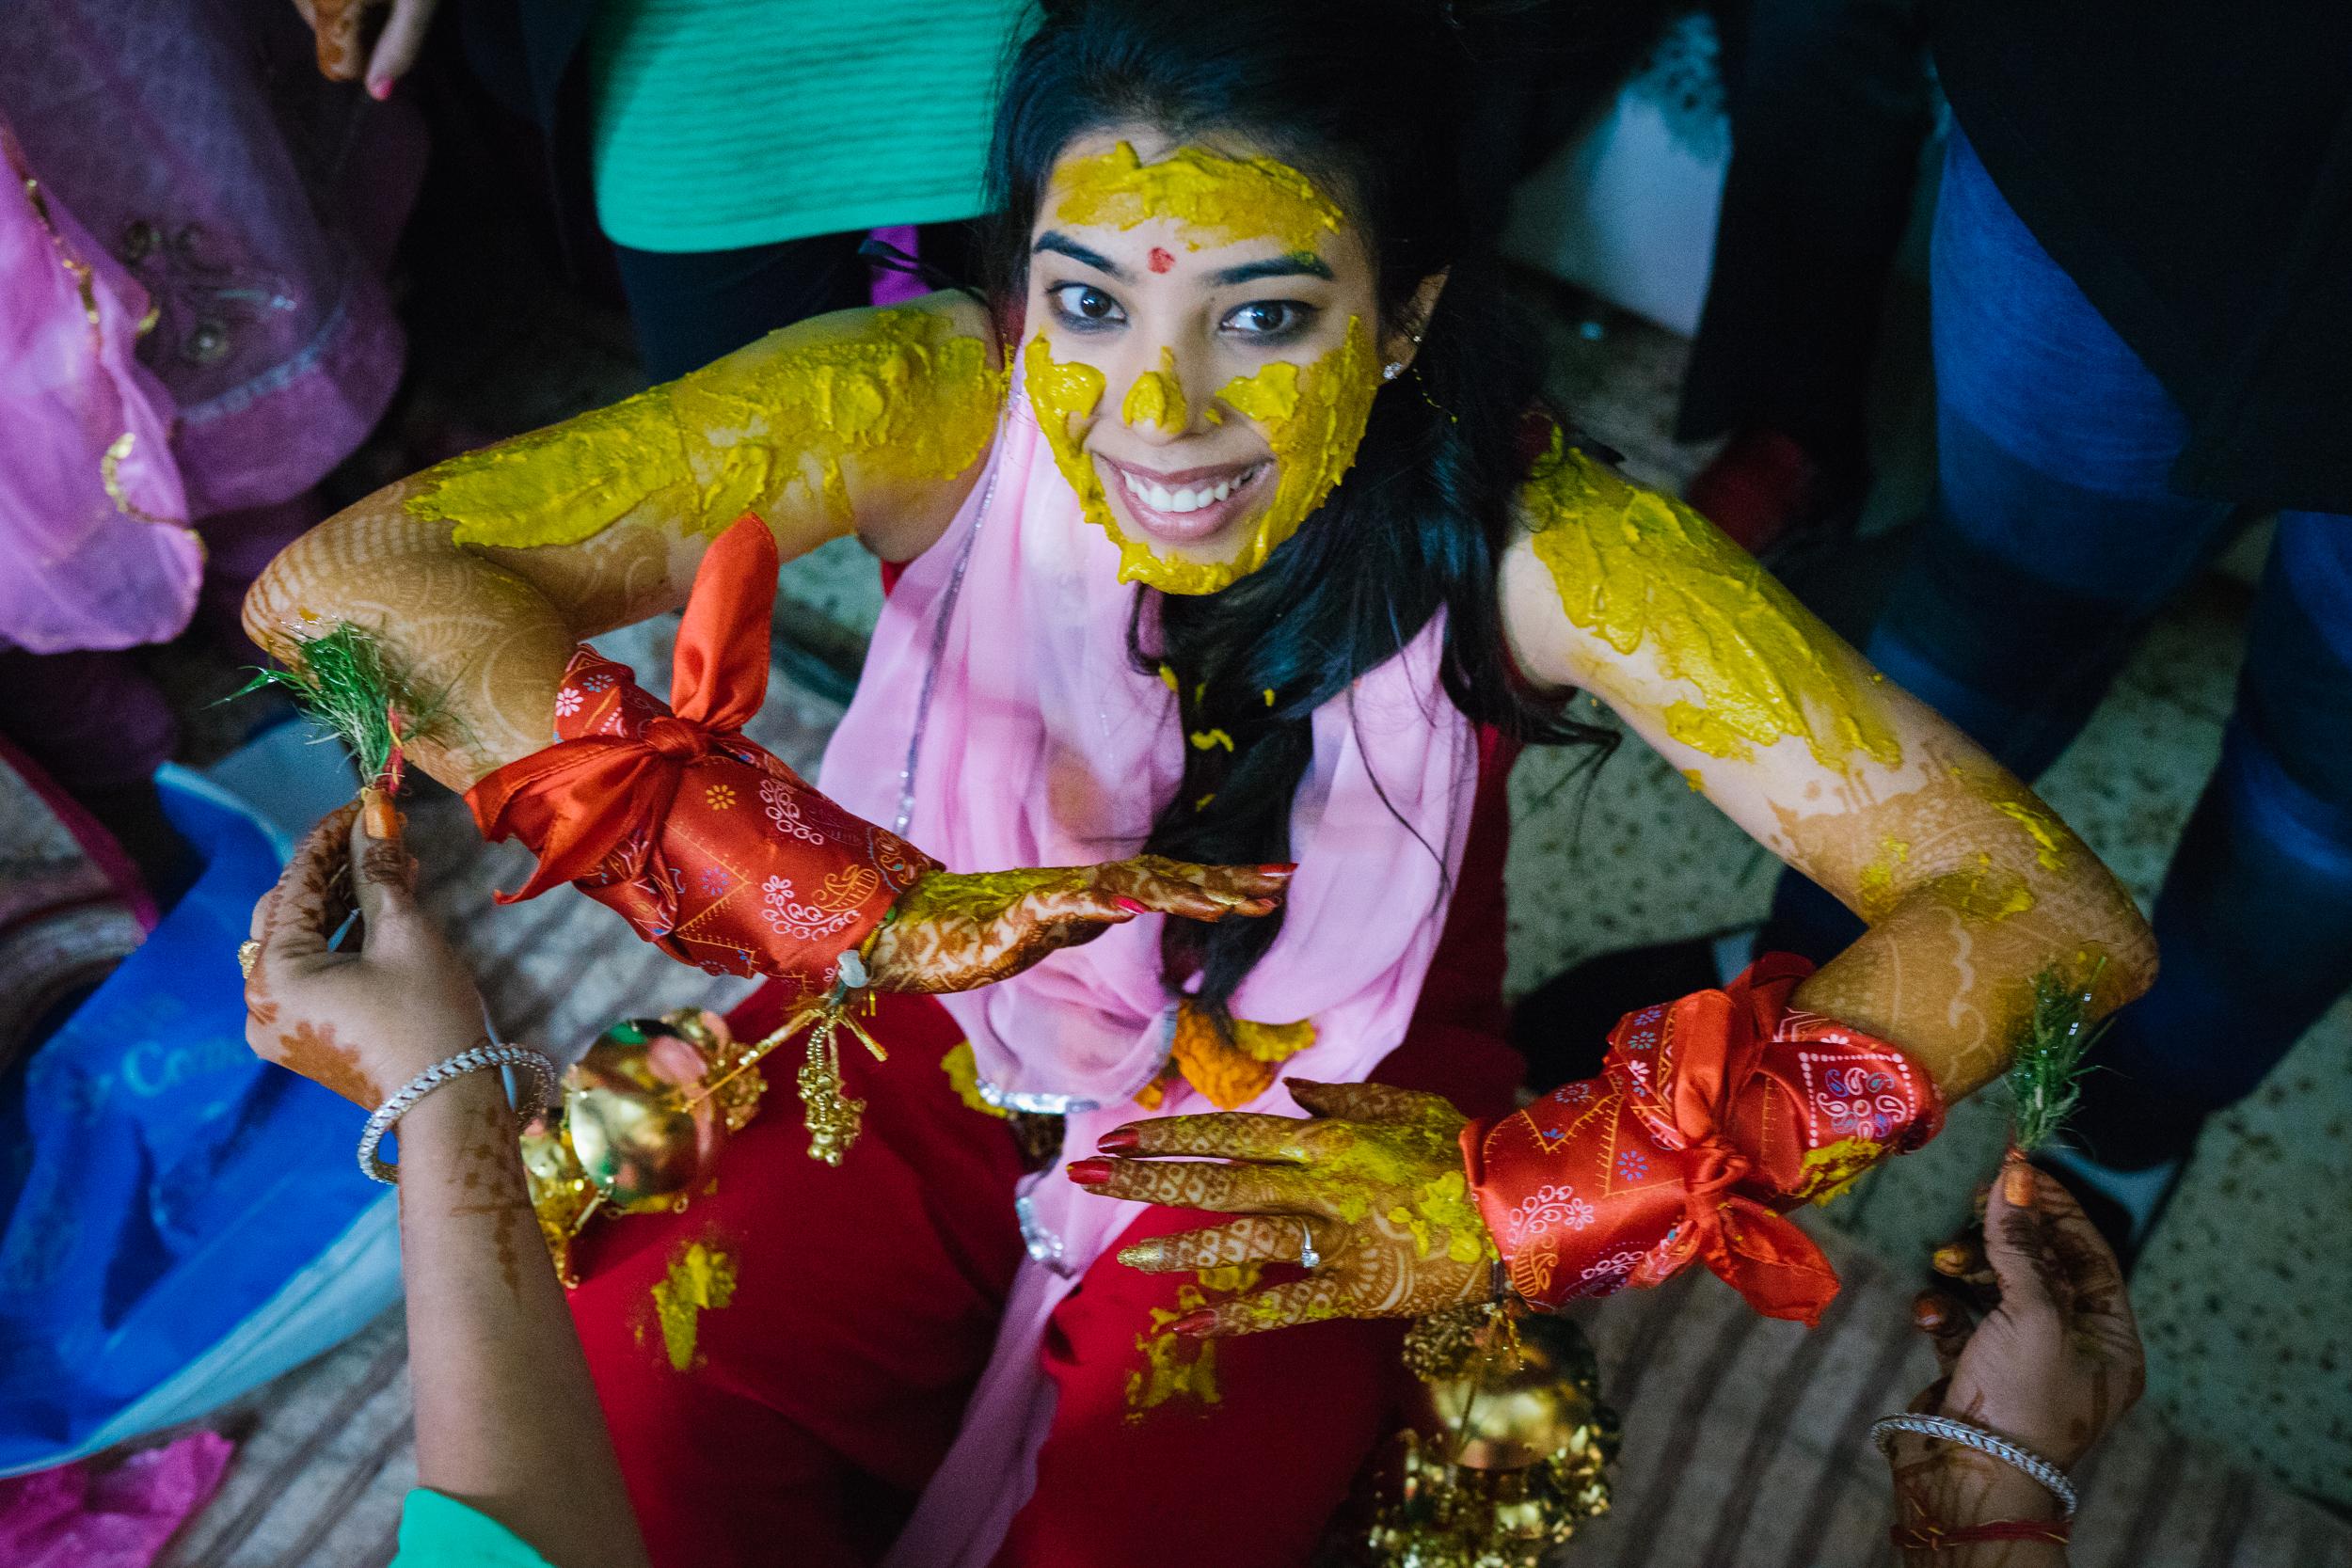 JKP_Indian_Weddings_0152.JPG